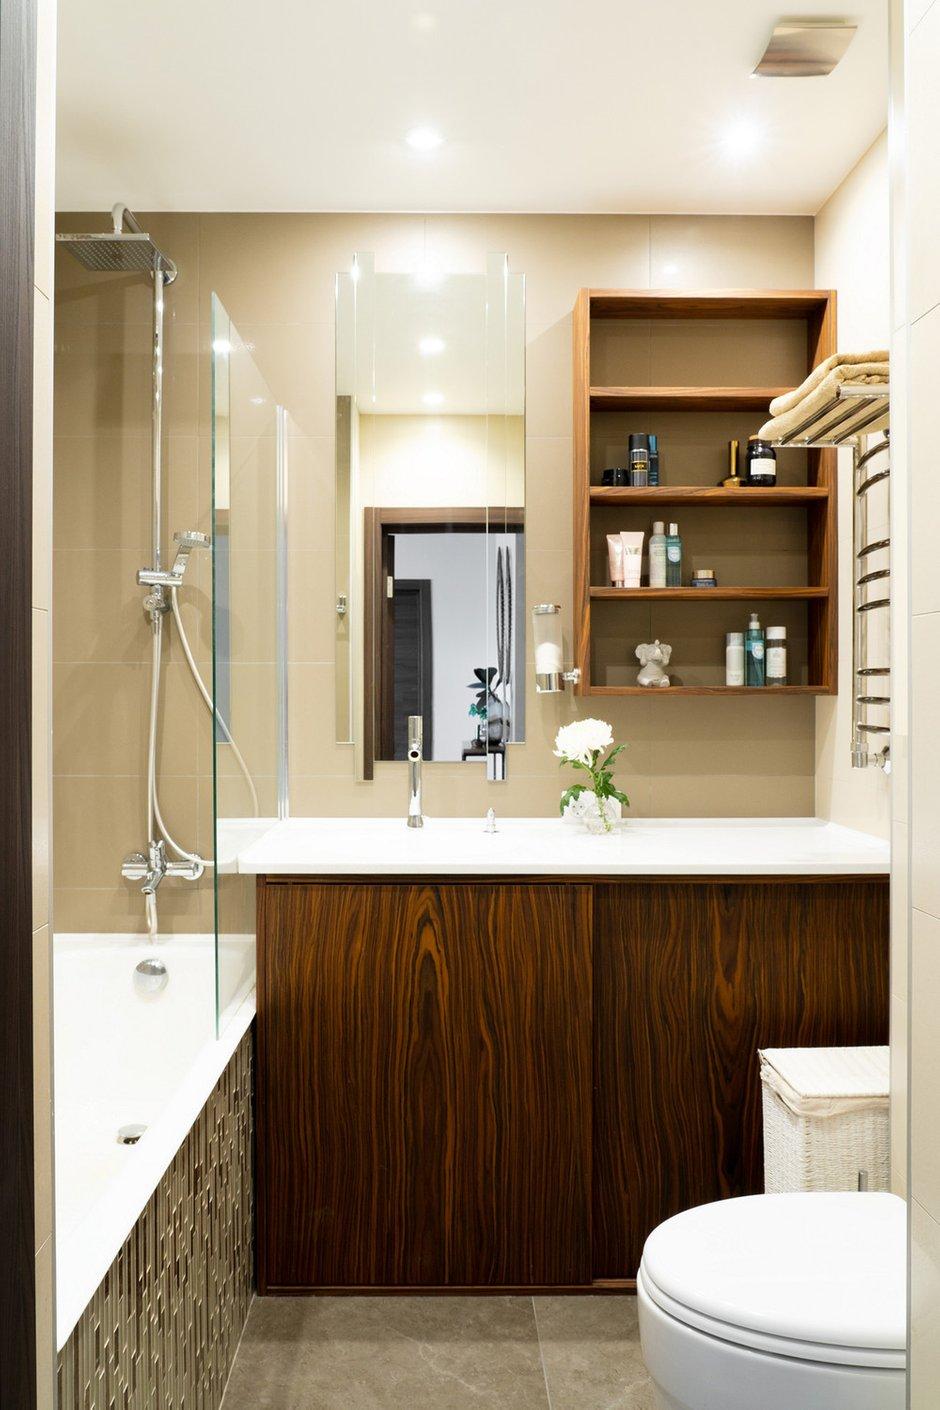 Фотография: Ванная в стиле Современный, Квартира, Проект недели, Санкт-Петербург, Светлана Гаврилова, Монолитный дом, 3 комнаты, 60-90 метров – фото на INMYROOM